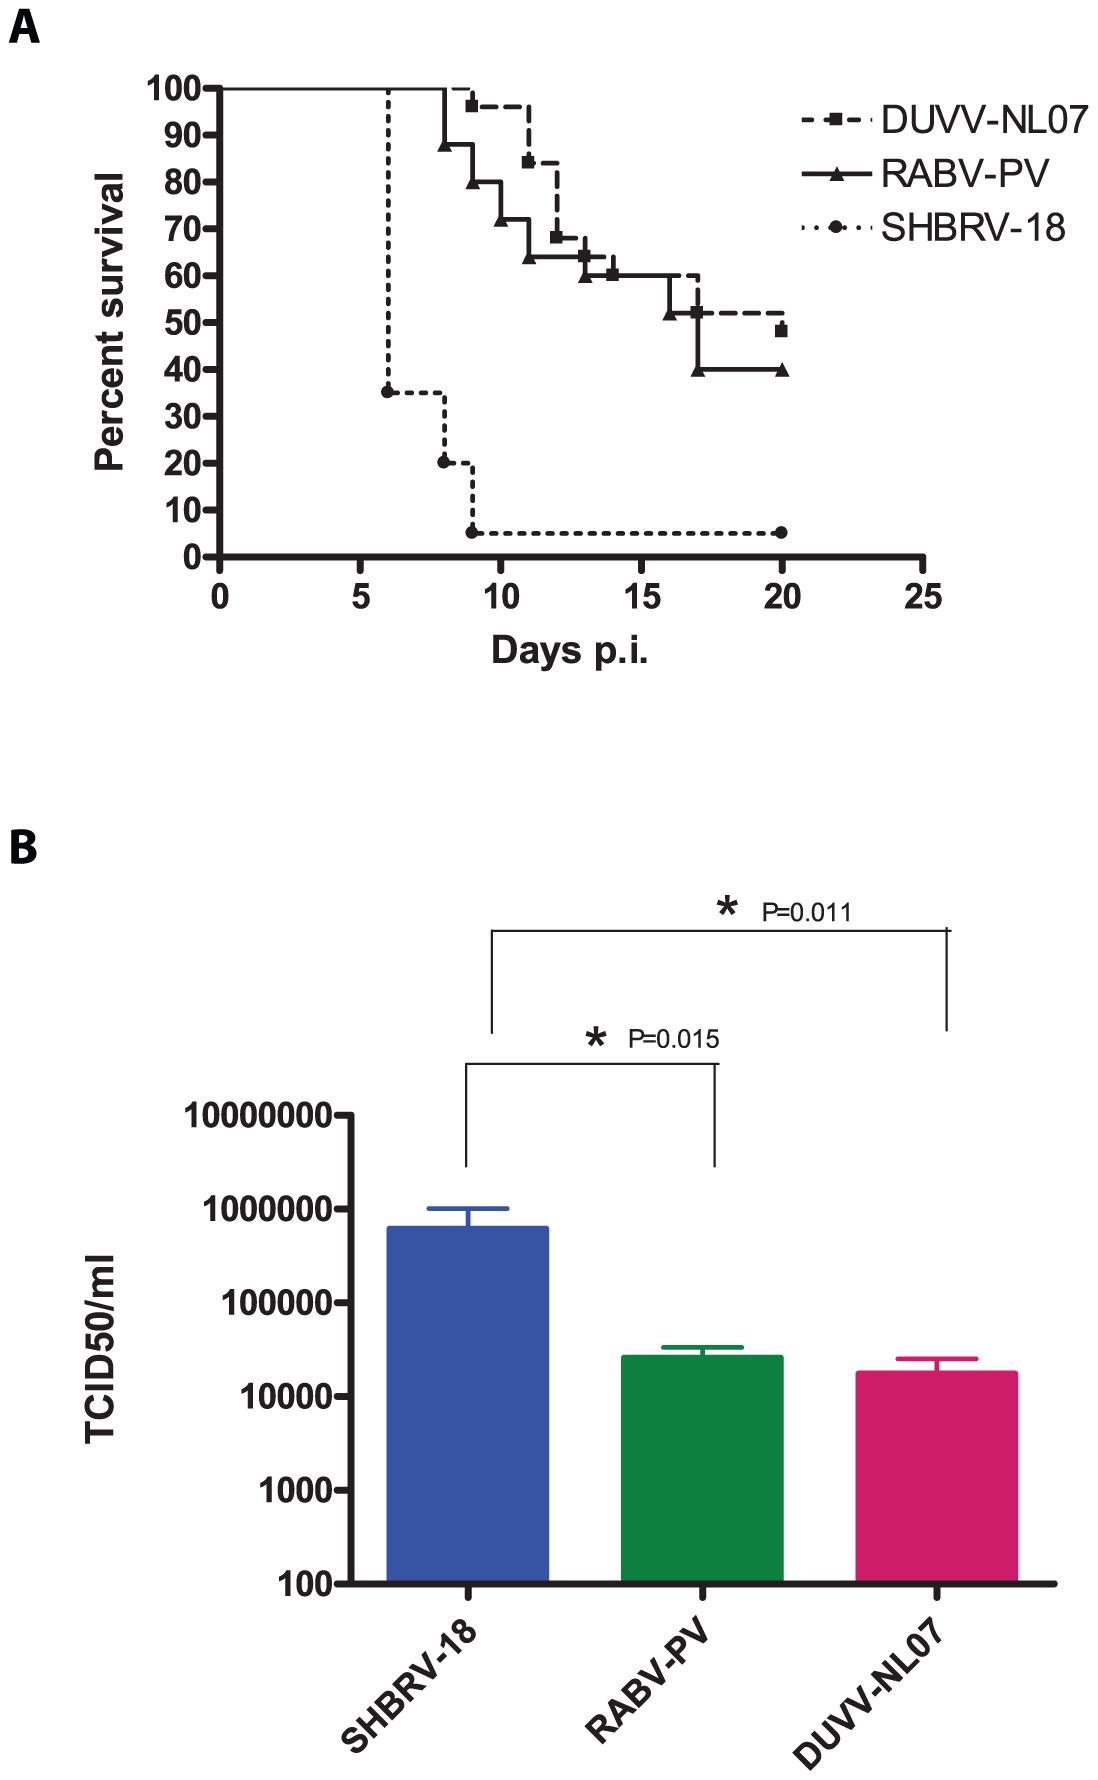 Virulence of lyssaviruses in eight-week old BALB/c mice.